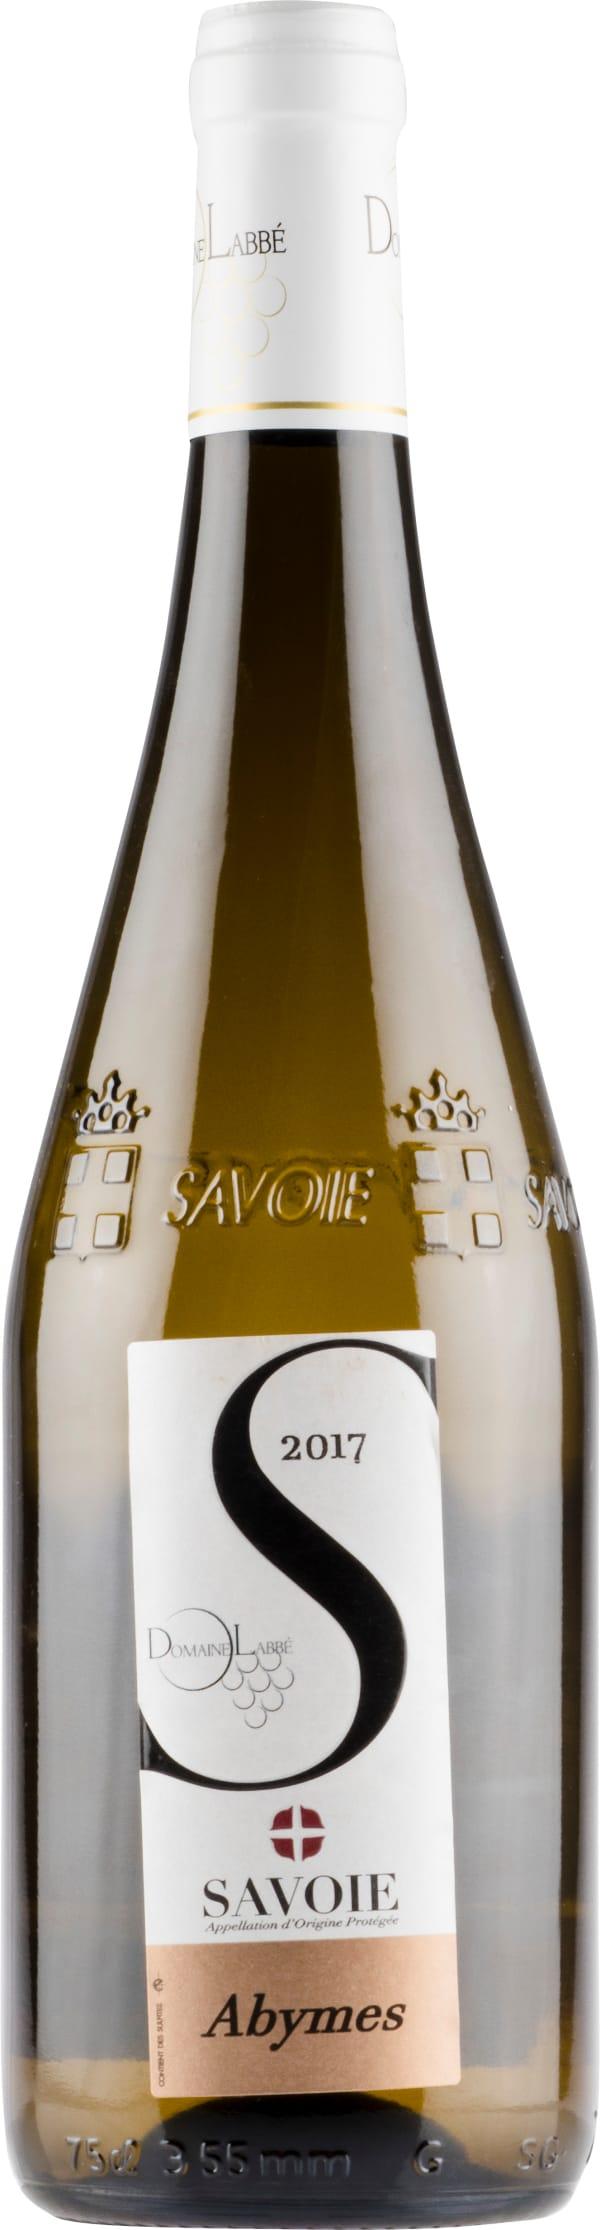 Domaine Labbé Savoie Abymes 2018